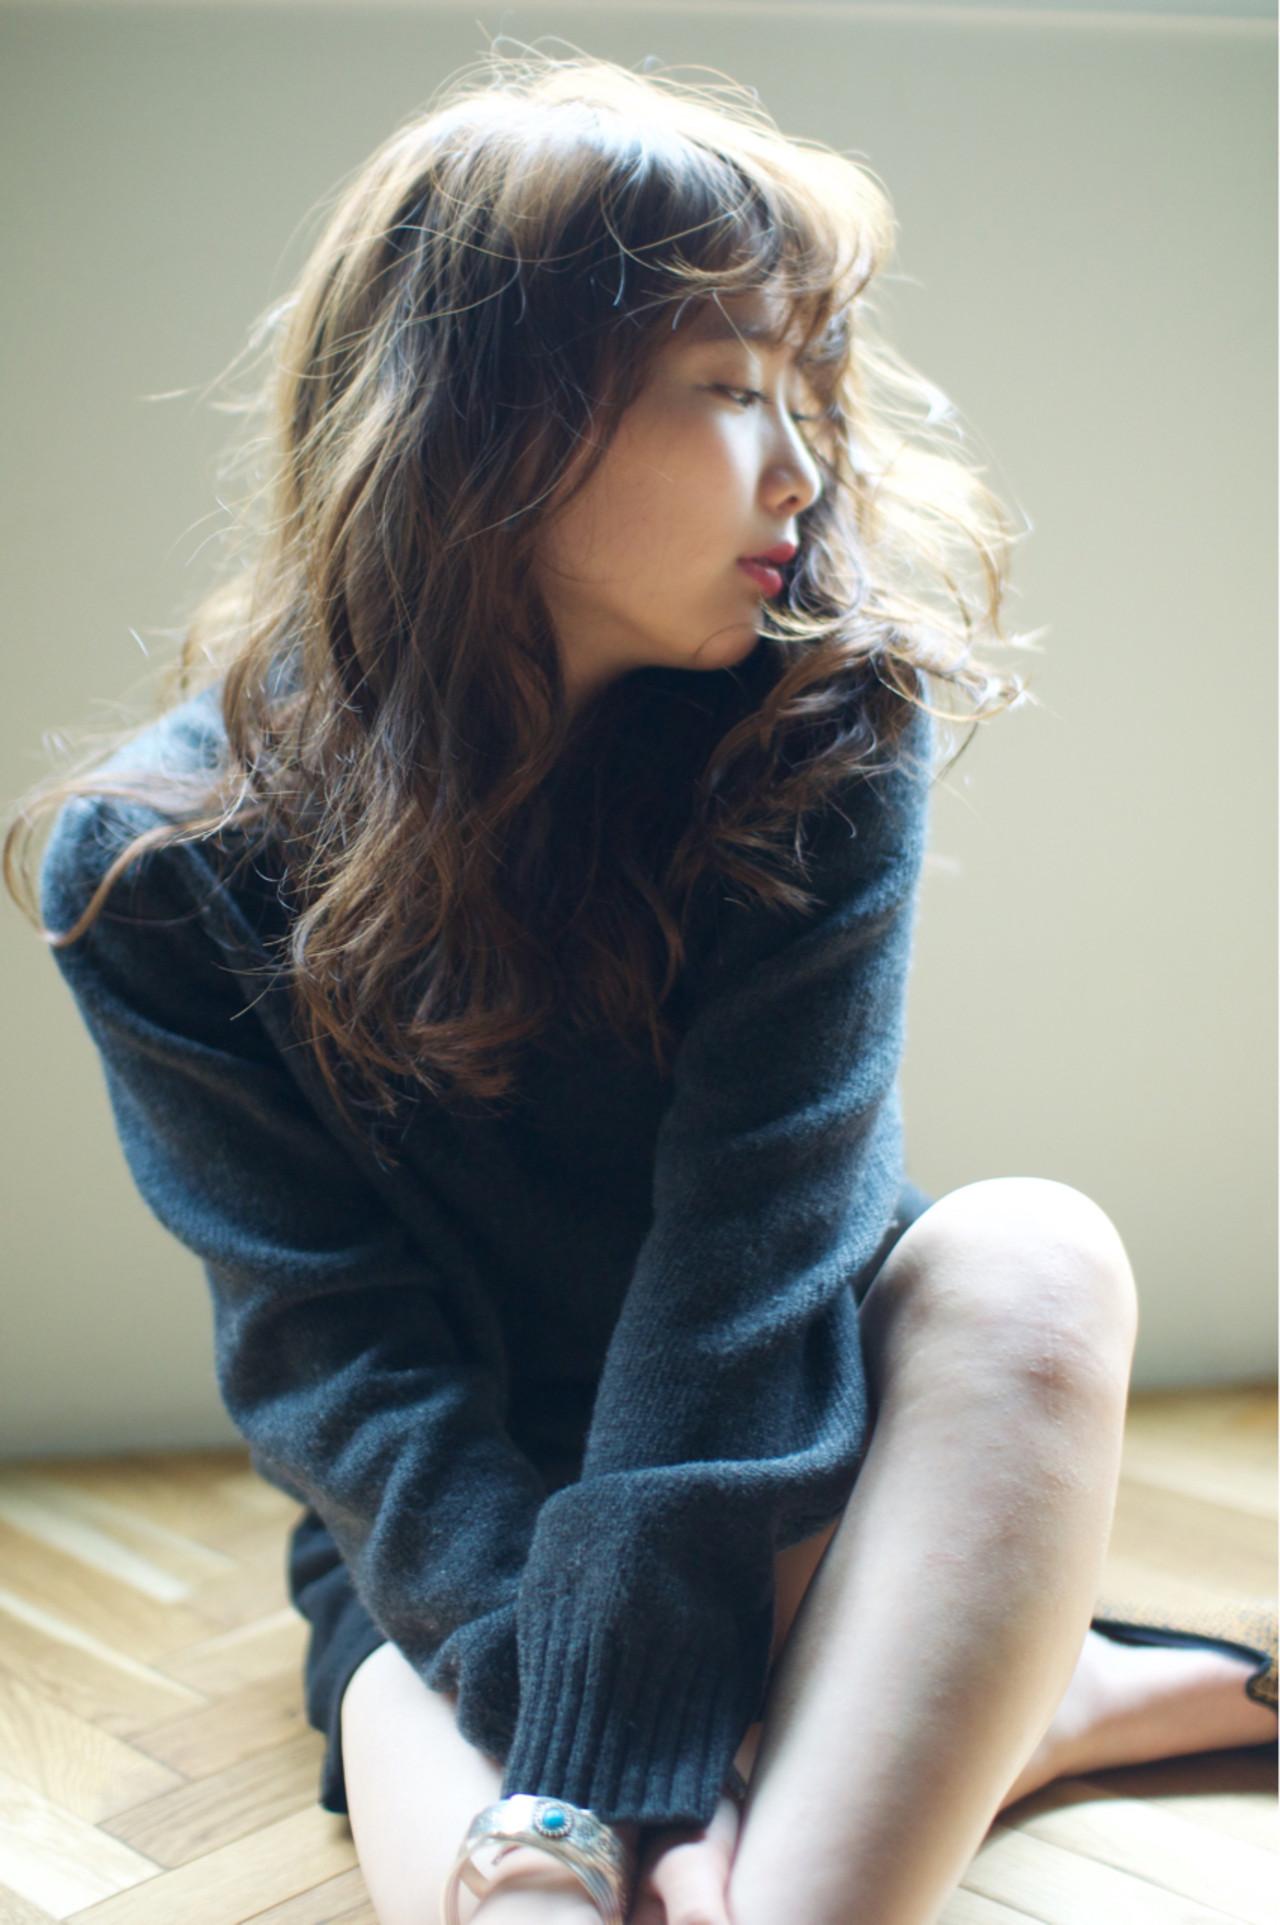 スタイリング剤でパーマを100倍楽しもう!使い方と選ぶコツをご紹介 YUKINA / HOMIE TOKYO